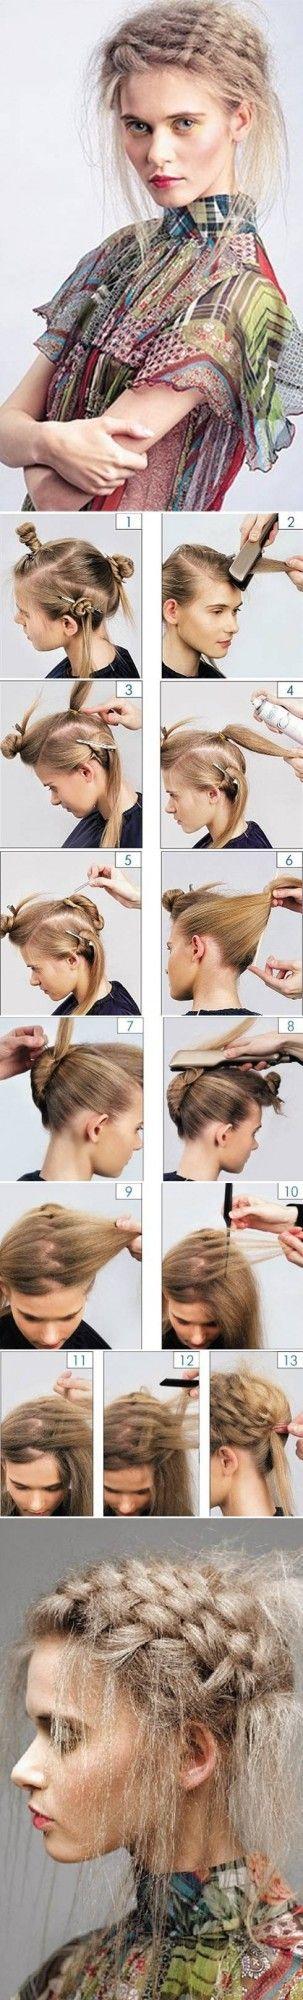 Technique de coiffure comment gaufrer ses cheveux avec un fer à lisser ou un fer à gaufrer, à lisser, avec ou sans fers ure cheveux longs, mi longs, courts.